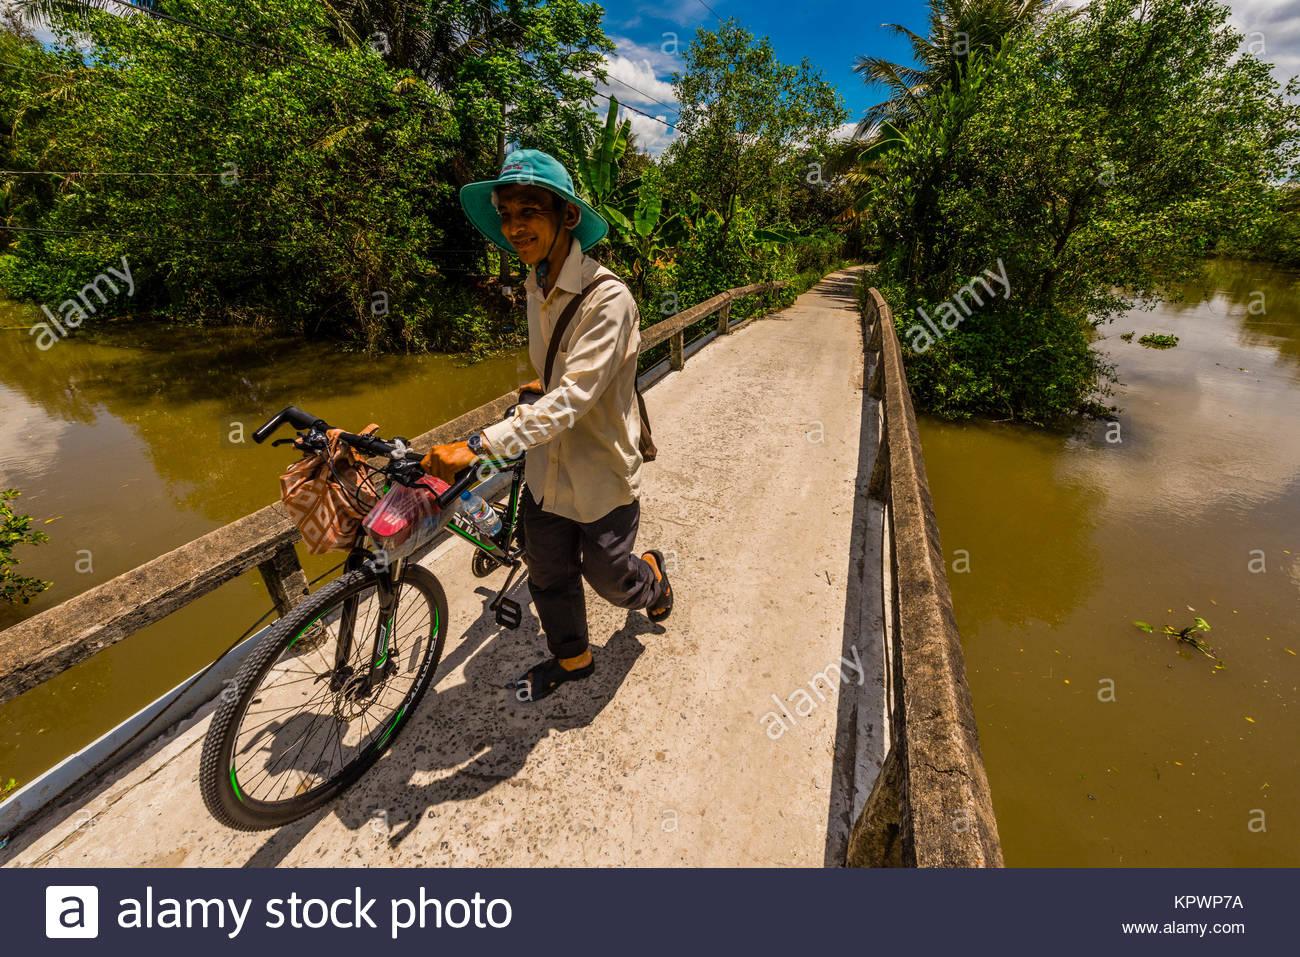 A man bicycling along the backwaters, Cai Lay, Mekong Delta, Vietnam. - Stock Image